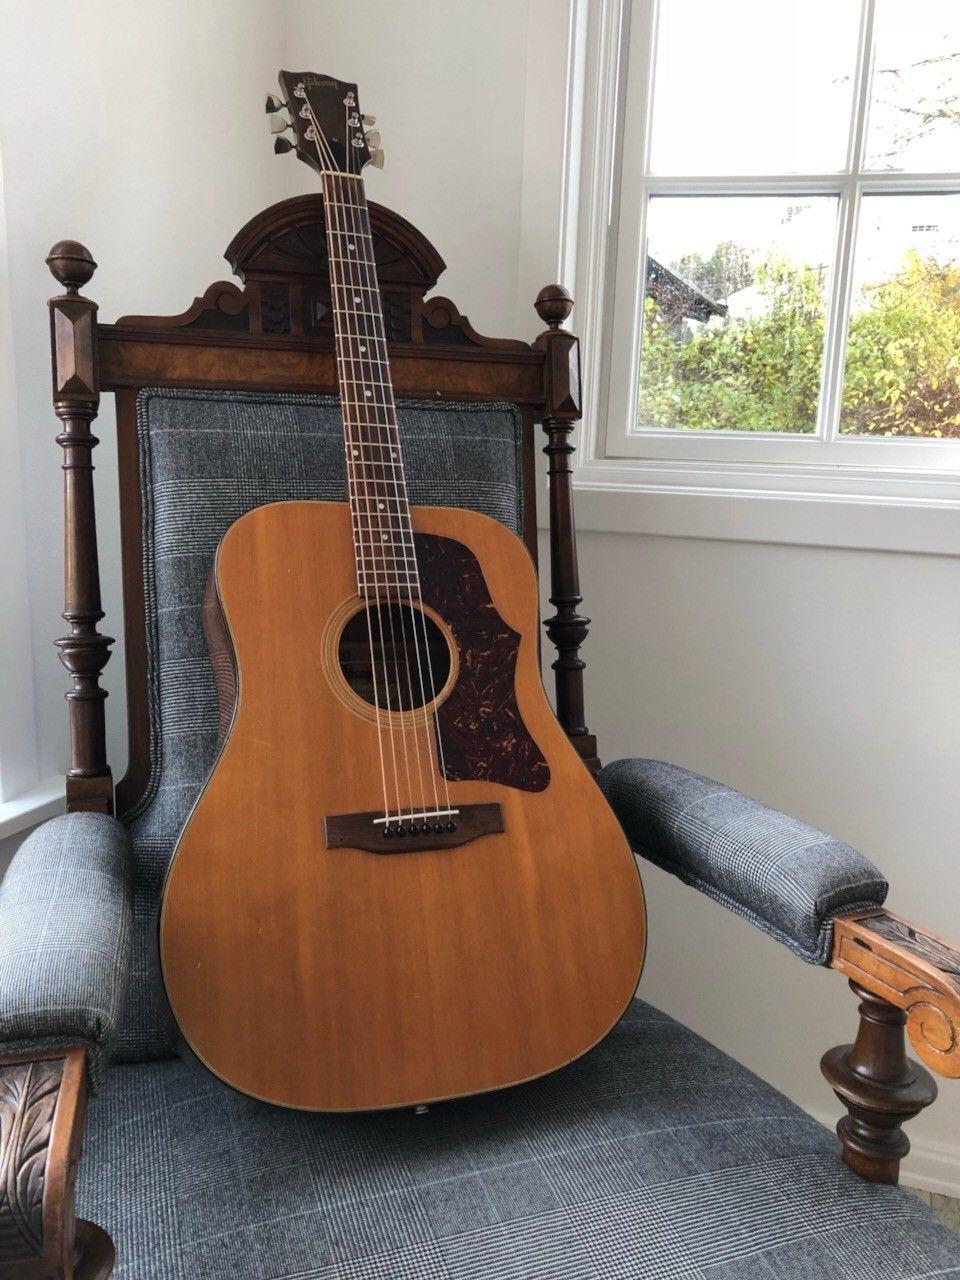 1973 Vintage Gibson J-50 Deluxe - Oslo  -  Gibson J-50 Deluxe helt original fra 1973.   Herlig patina i treverket og spesielt lokket. Særegen klang man bare får i eldre Martin og Gibson.   Ingen skader. Båndene er naturlig nok er slitt men her er en mulighet til å få en h - Oslo